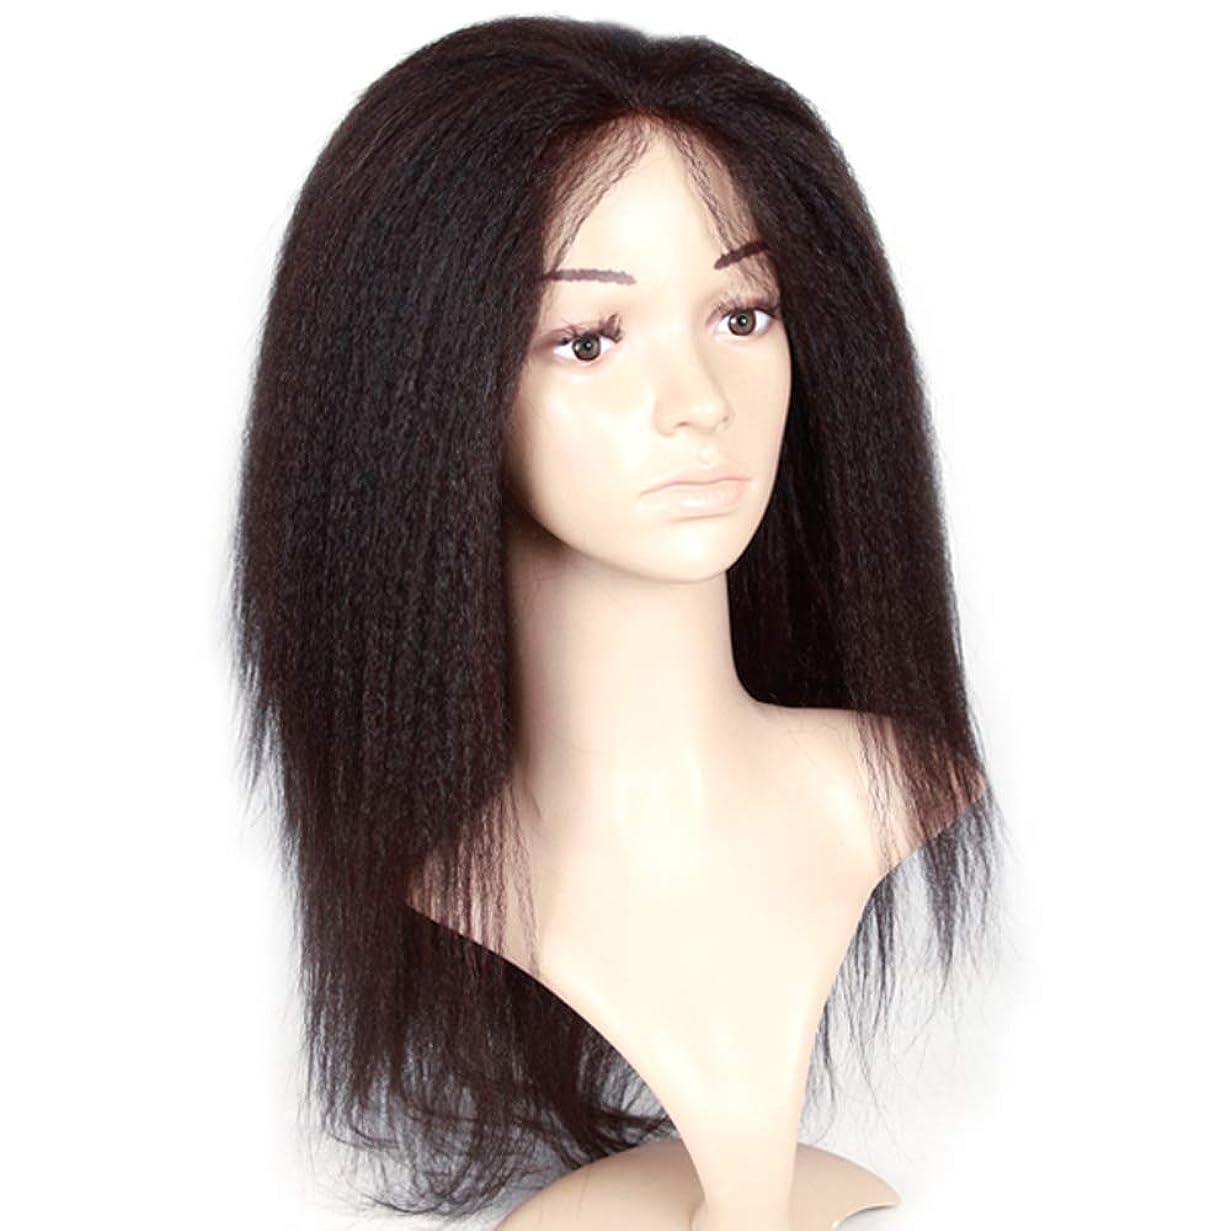 すでに遠征緩やかなレースフロントかつらふわふわブラジル人のremy女性人間の髪の毛ストレートヘアレースかつら赤ん坊の毛髪用180%密度黒22インチ